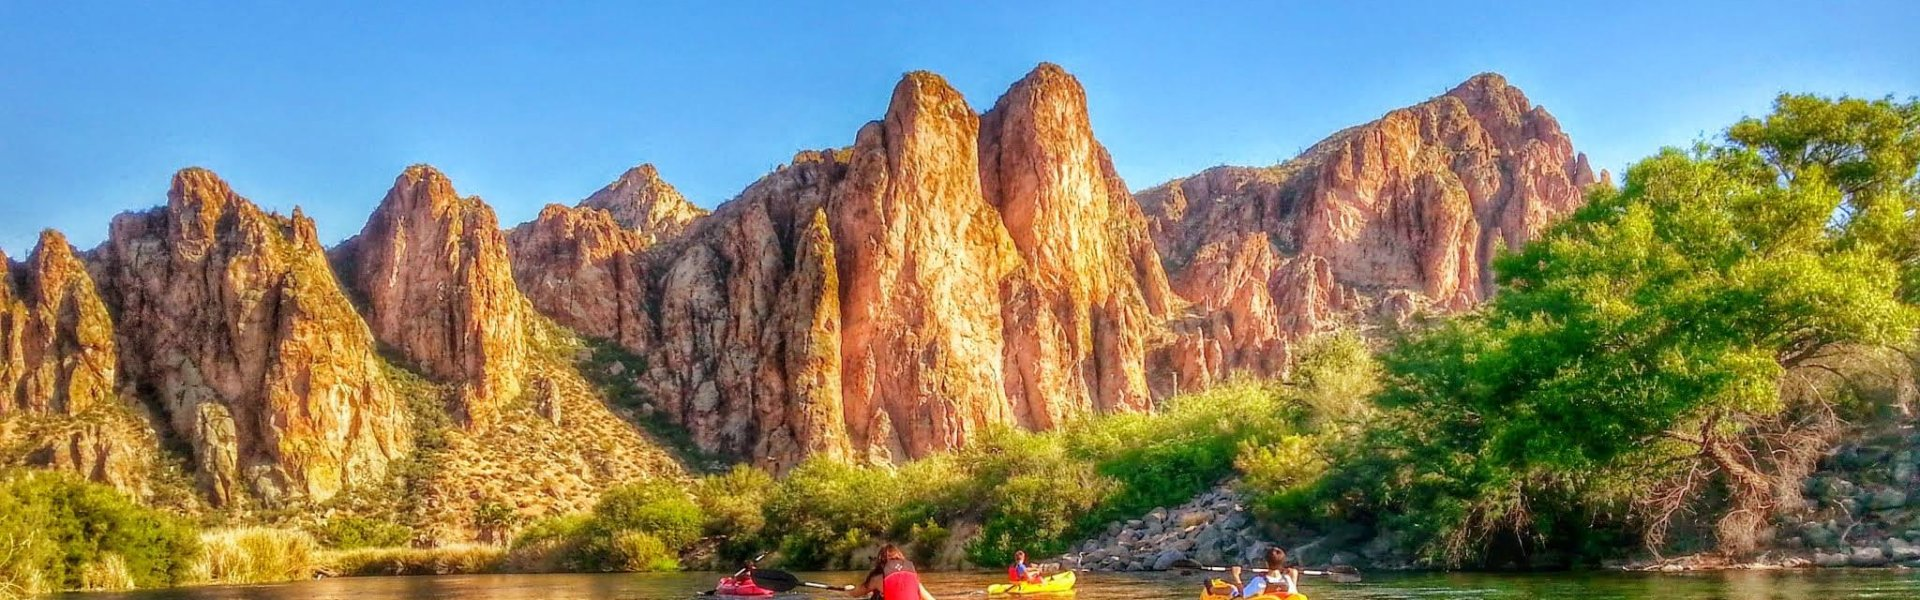 Visit Mesa river